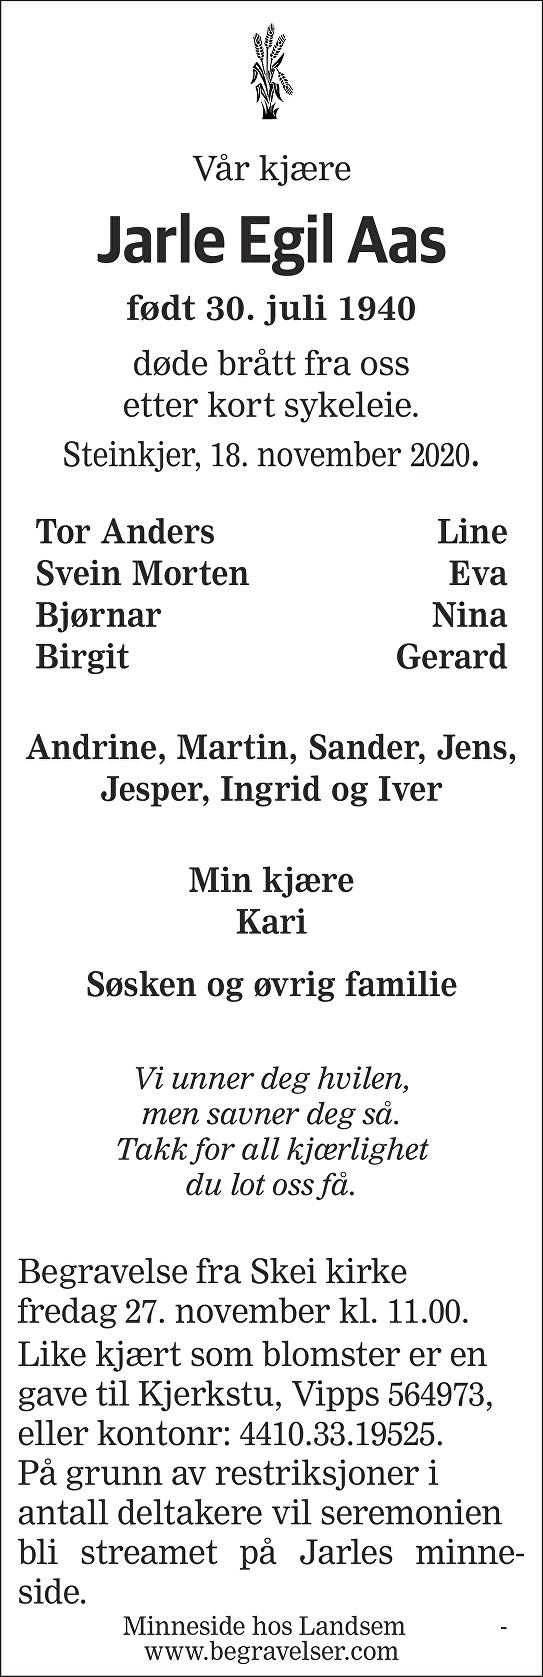 Jarle Egil Aas Dødsannonse